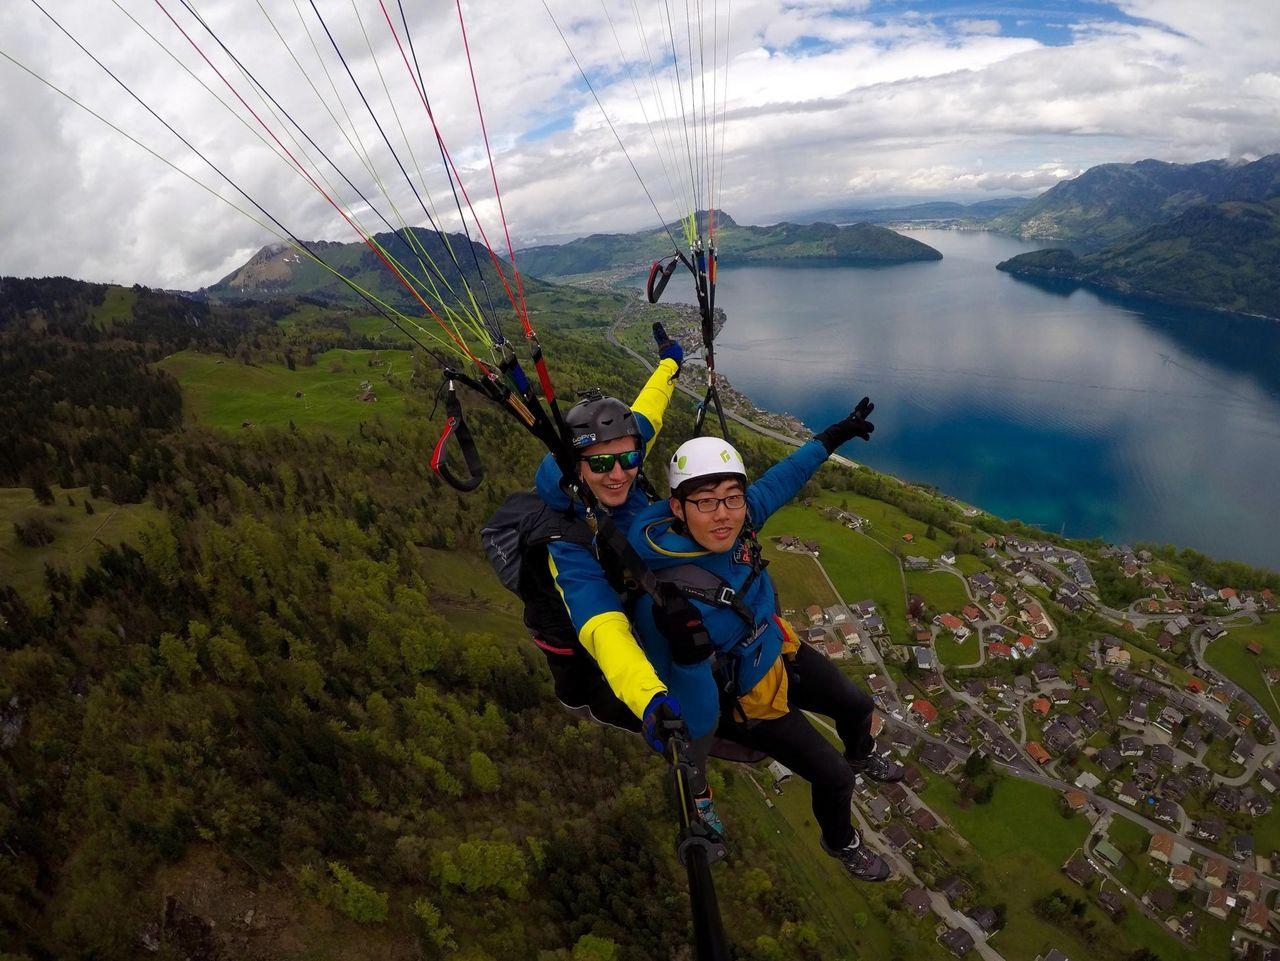 Paragliding tandem flights - SkyGlide